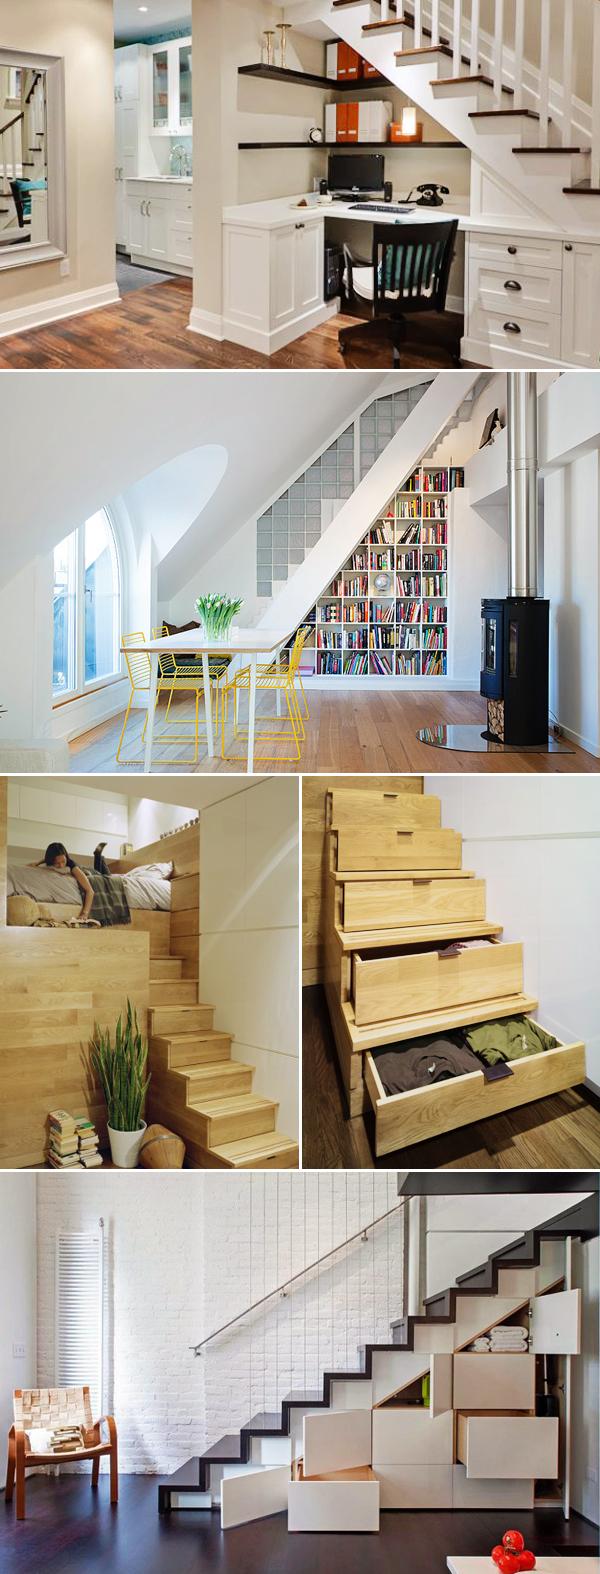 homestorage01-stairs